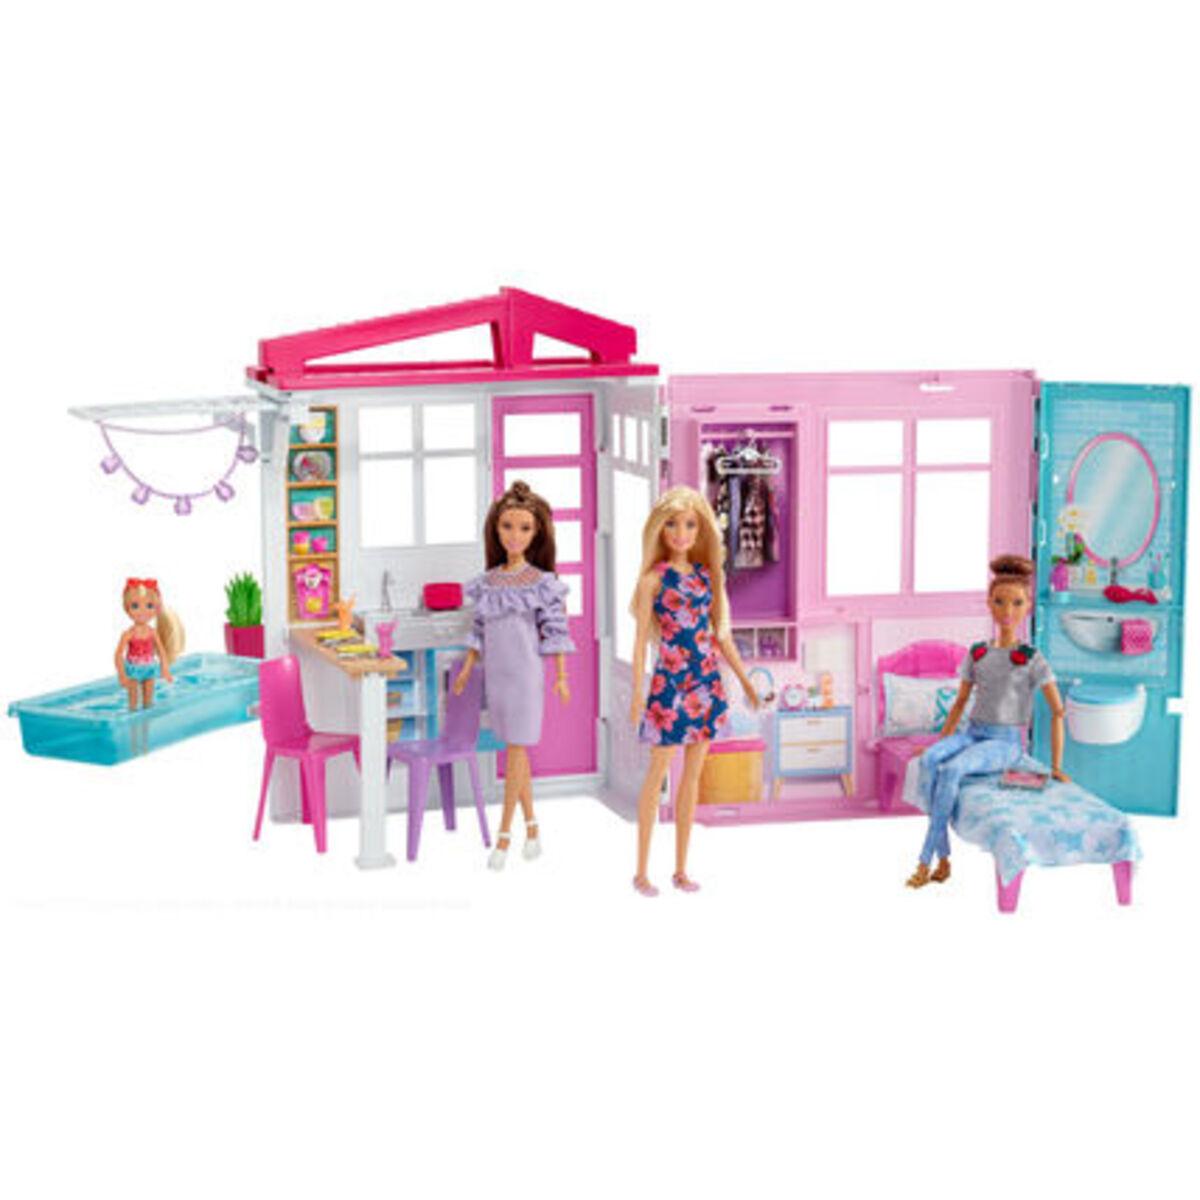 Bild 3 von Barbie Ferienhaus mit Möbeln und Puppe